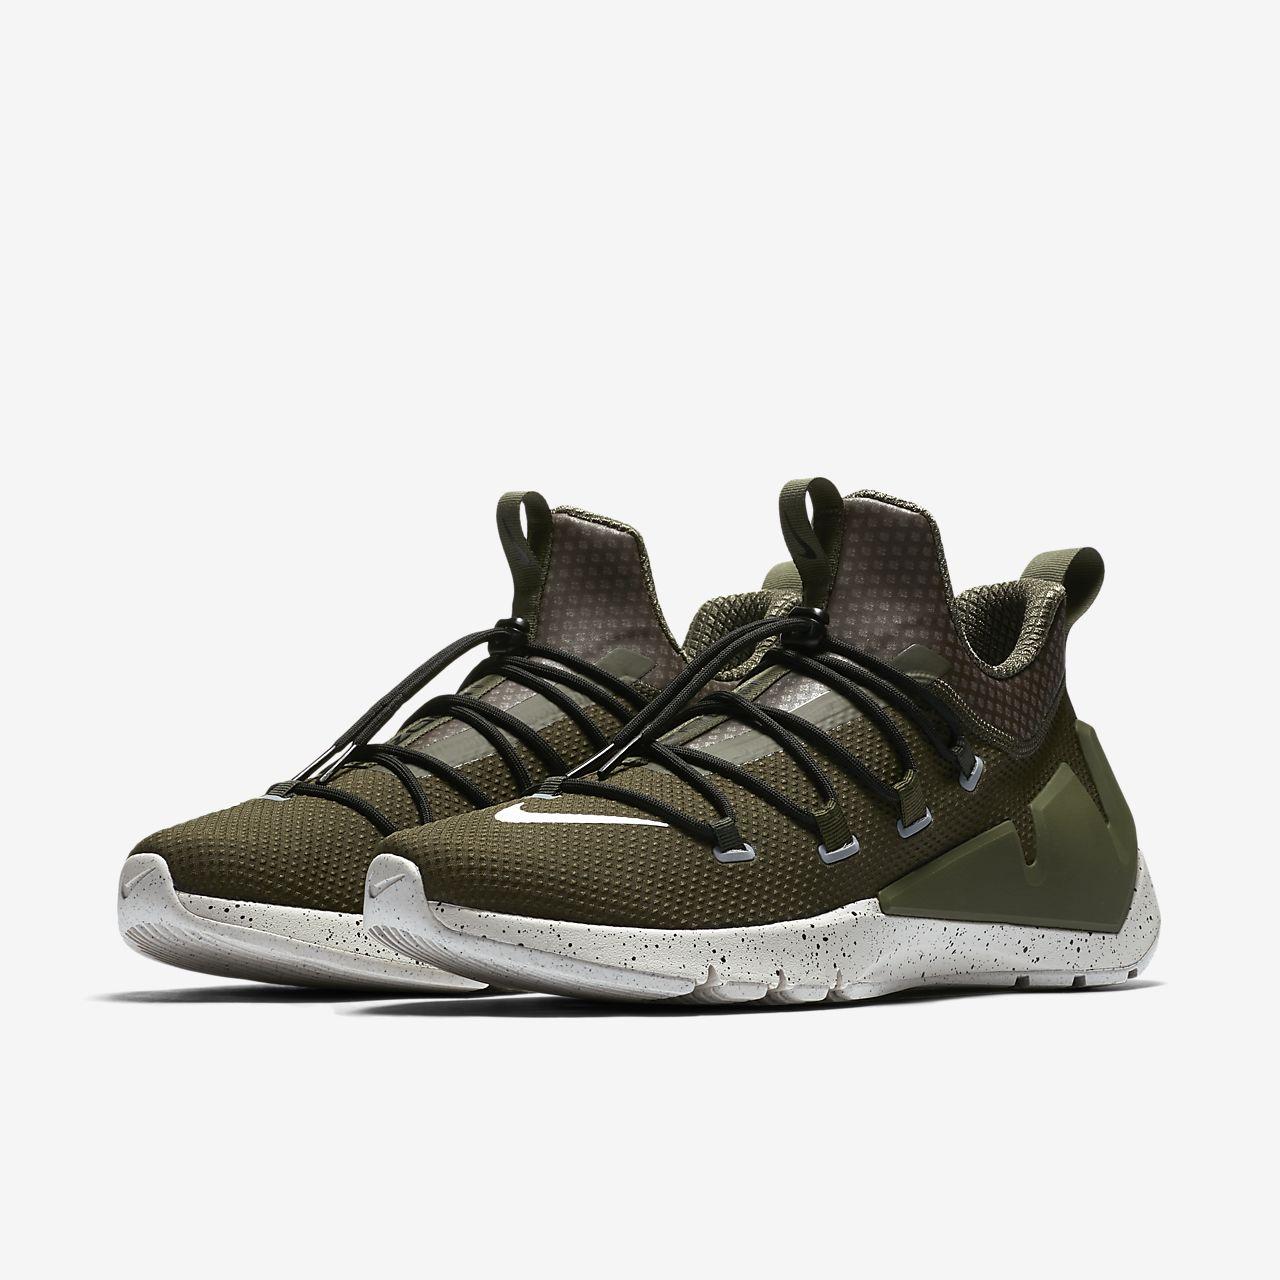 Nike Chaussures De Sport De Qualité Zoom Air riEJ0yNrL